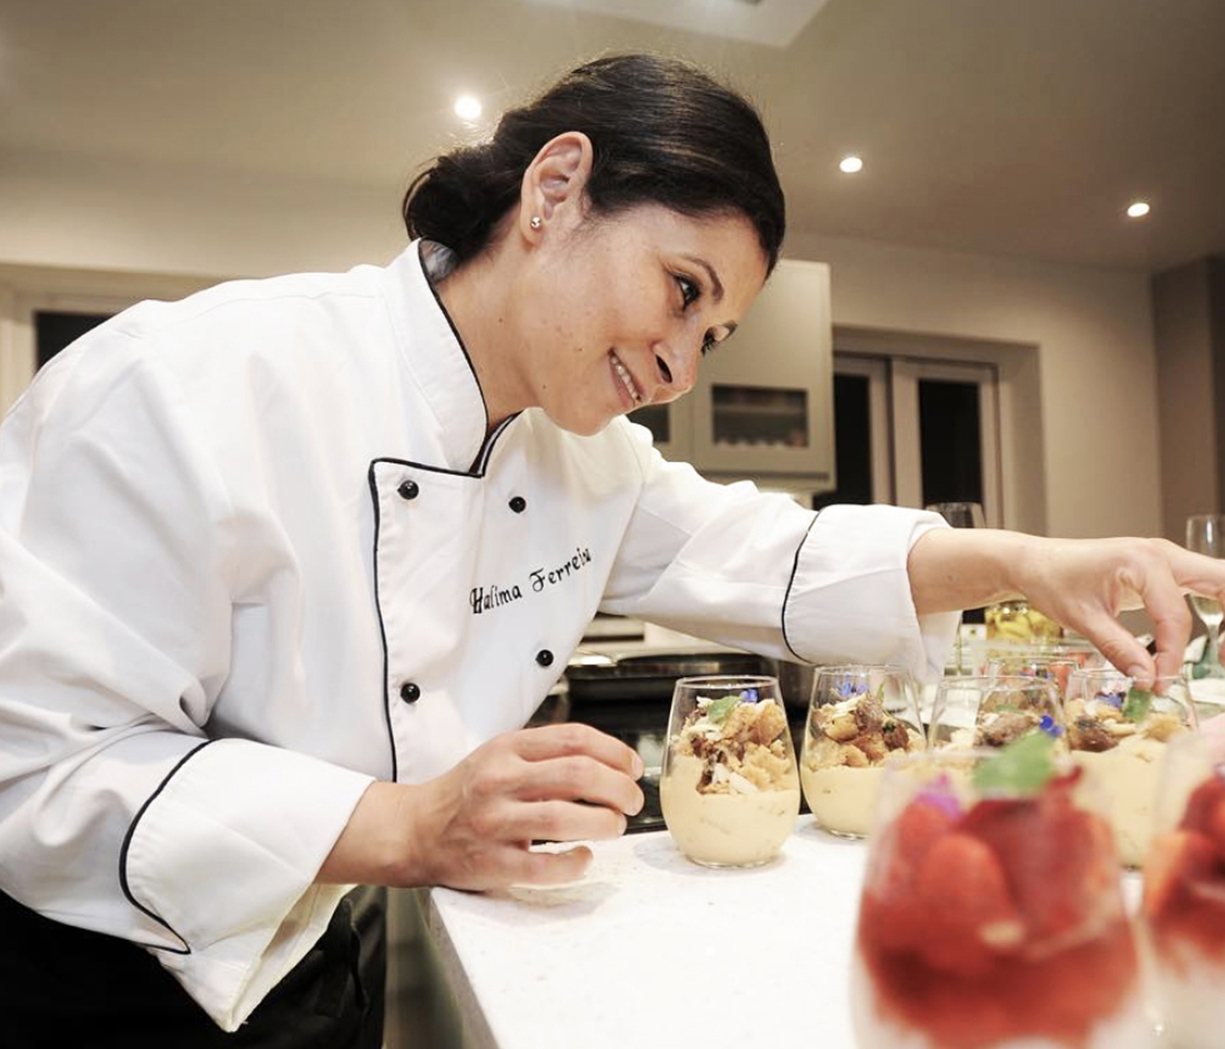 chef pic no quote copy.jpg